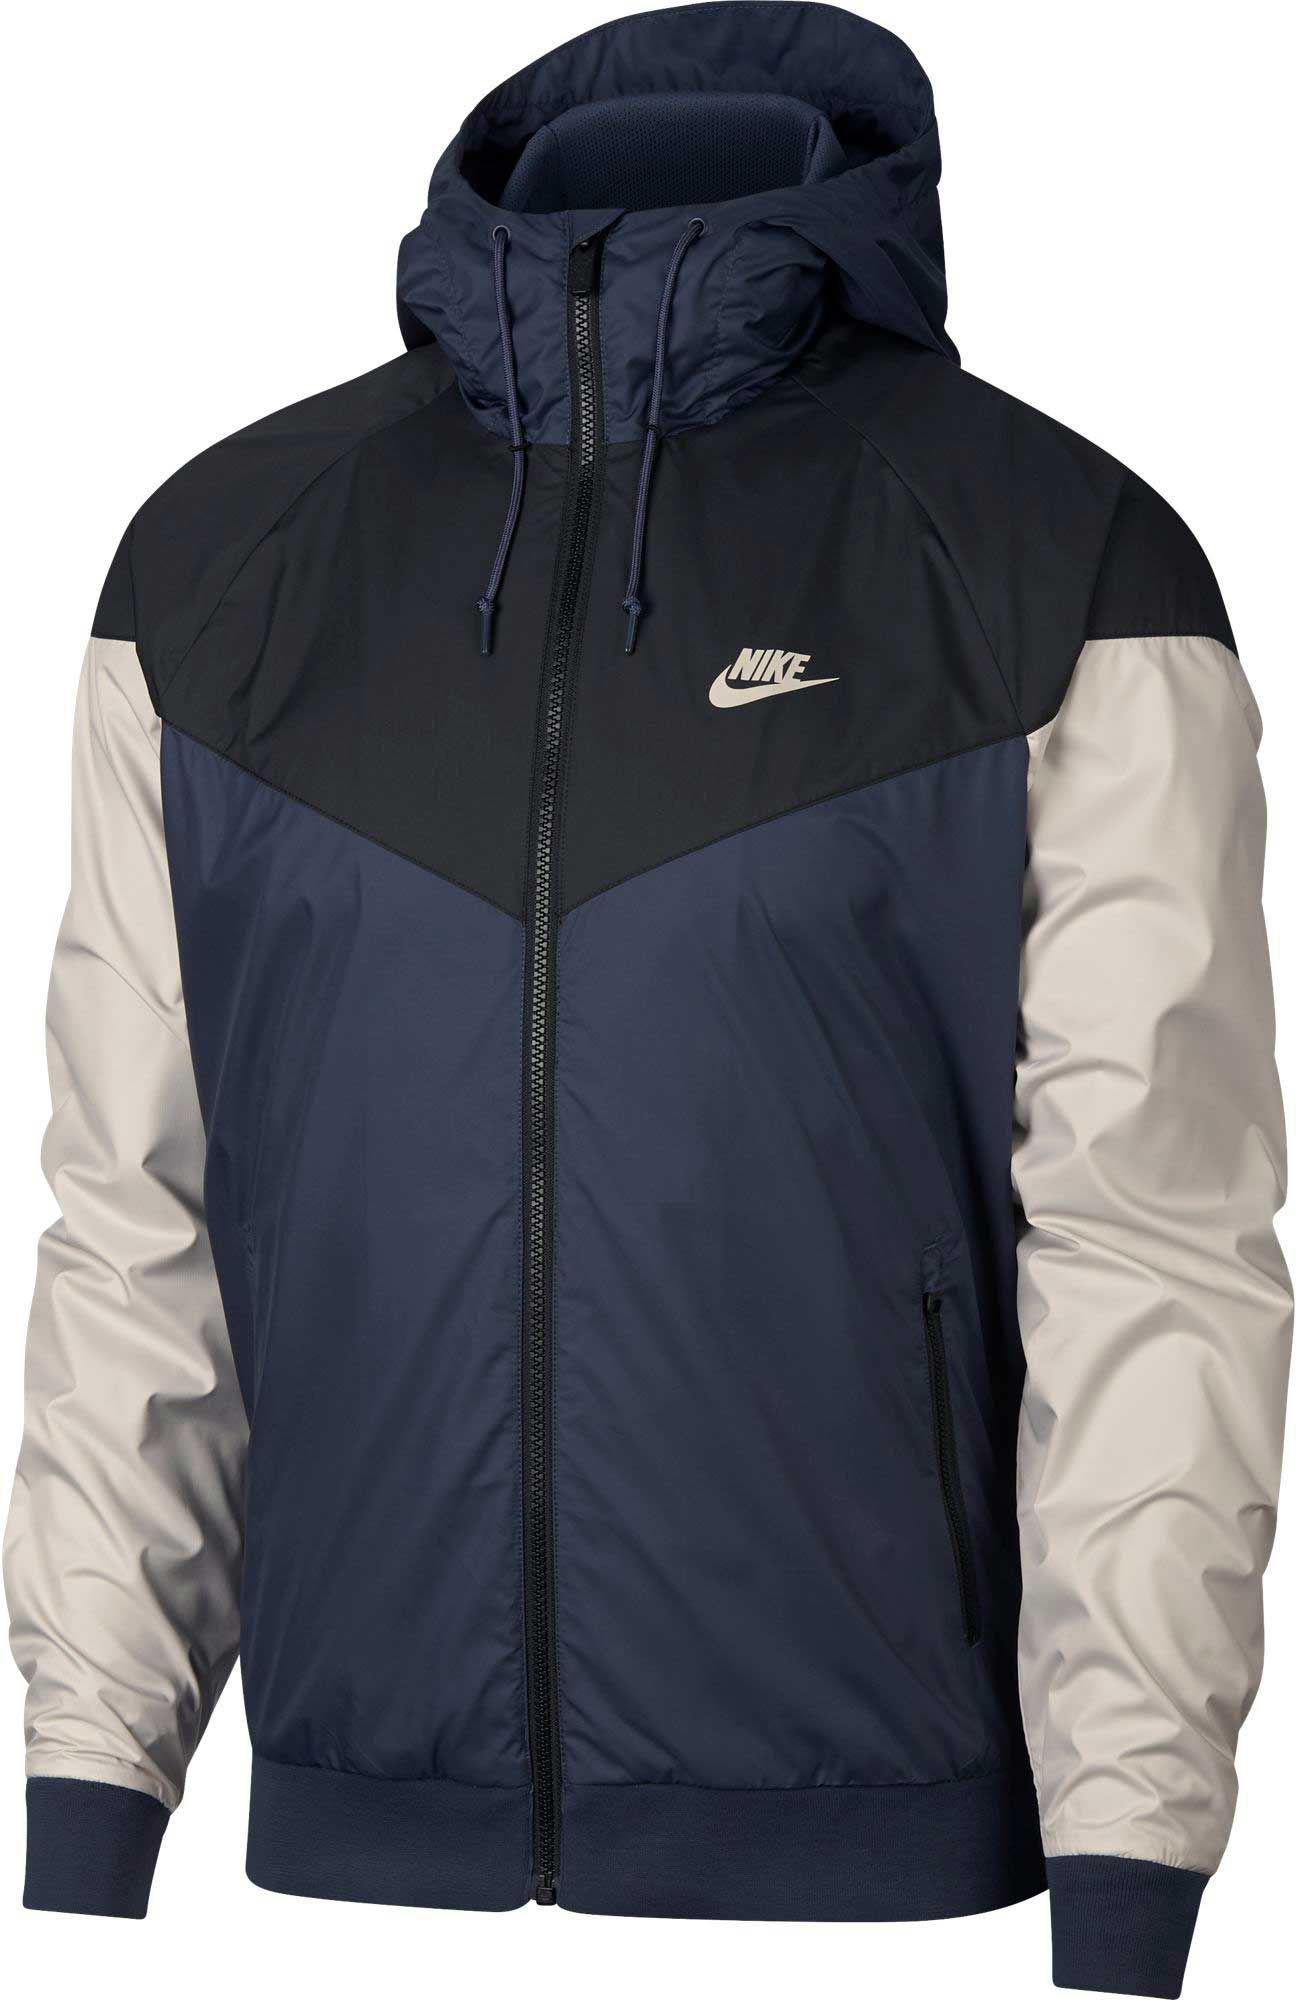 0f94f1de6e Lyst - Nike Windrunner Full Zip Jacket in Blue for Men